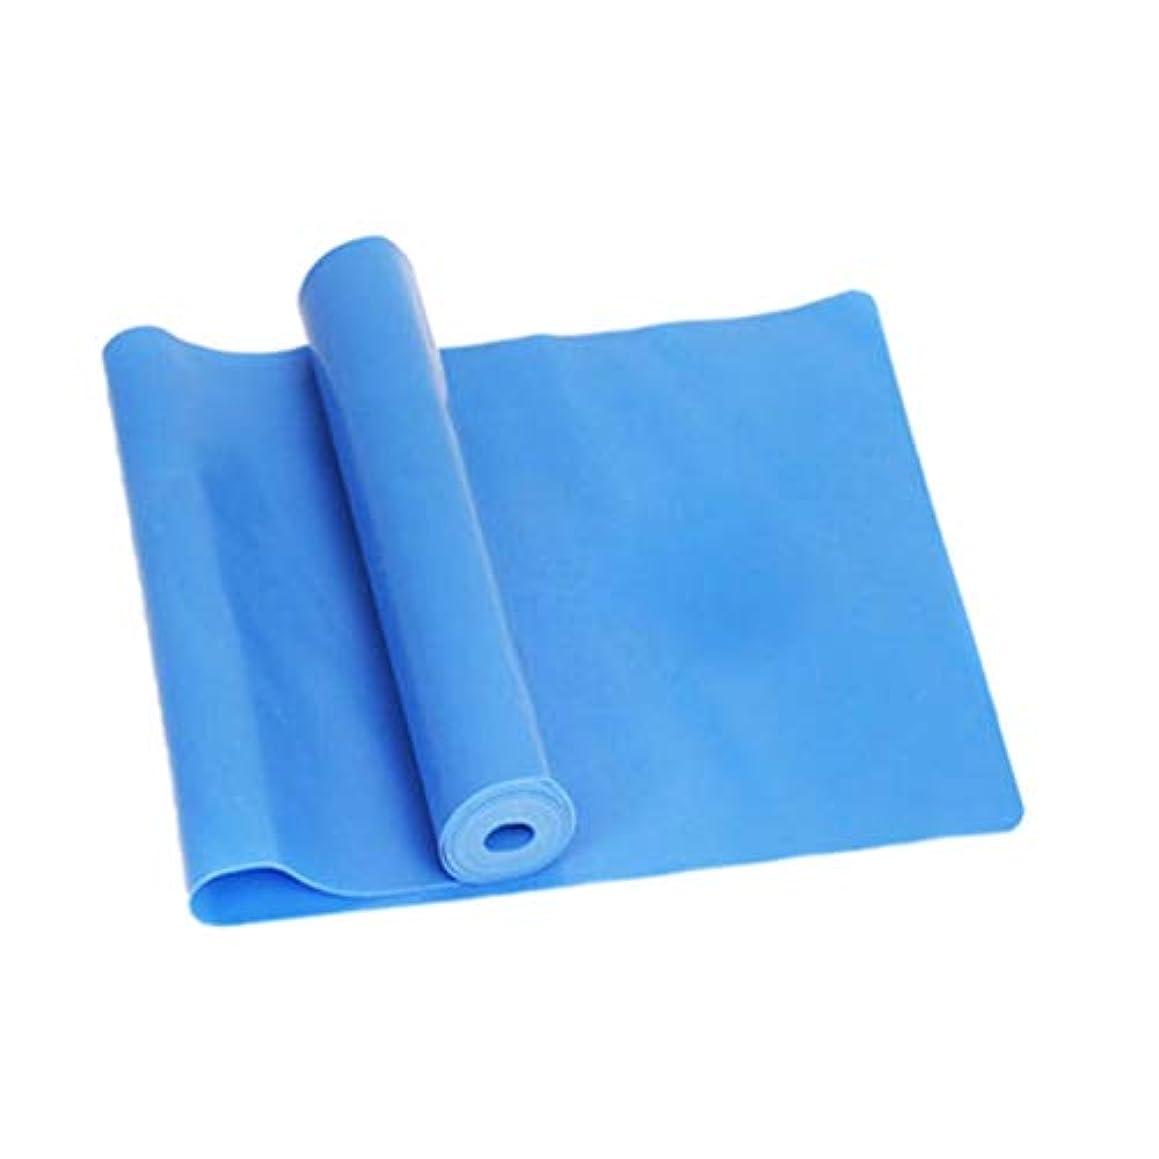 依存延ばす良さスポーツジムフィットネスヨガ機器筋力トレーニング弾性抵抗バンドトレーニングヨガゴムループスポーツピラティスバンド-ブルー